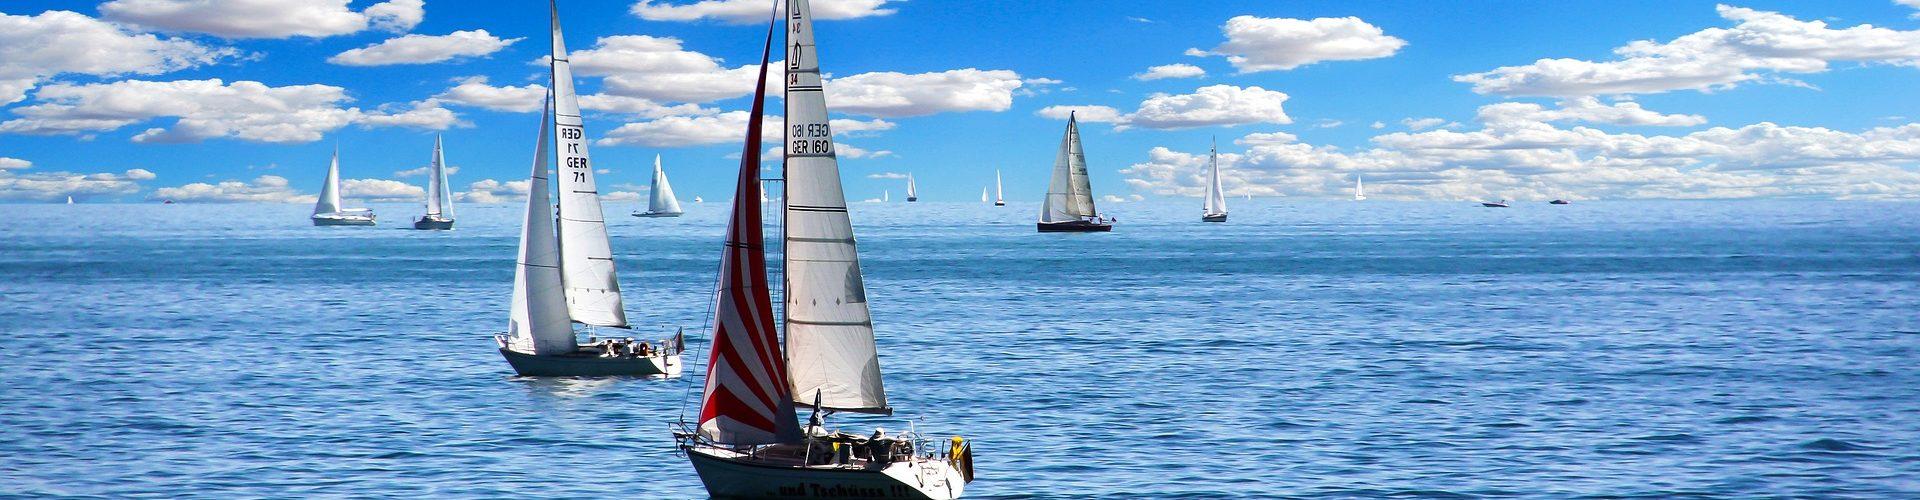 segeln lernen in Uelzen segelschein machen in Uelzen 1920x500 - Segeln lernen in Uelzen